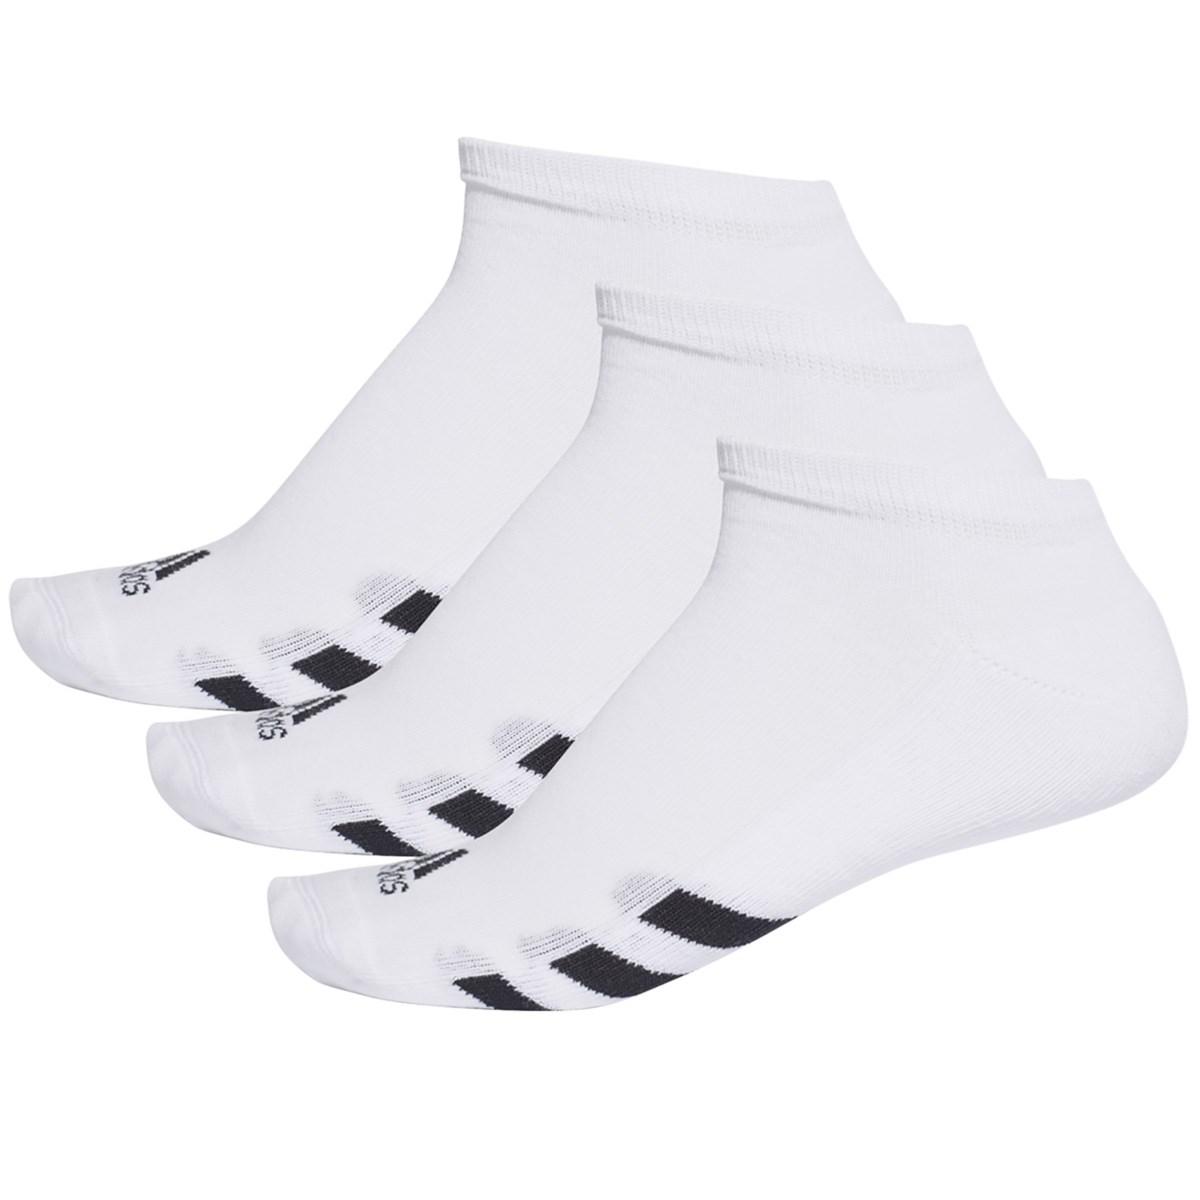 アディダス Adidas ゴルフローカットソックス 3足セット フリー ホワイト